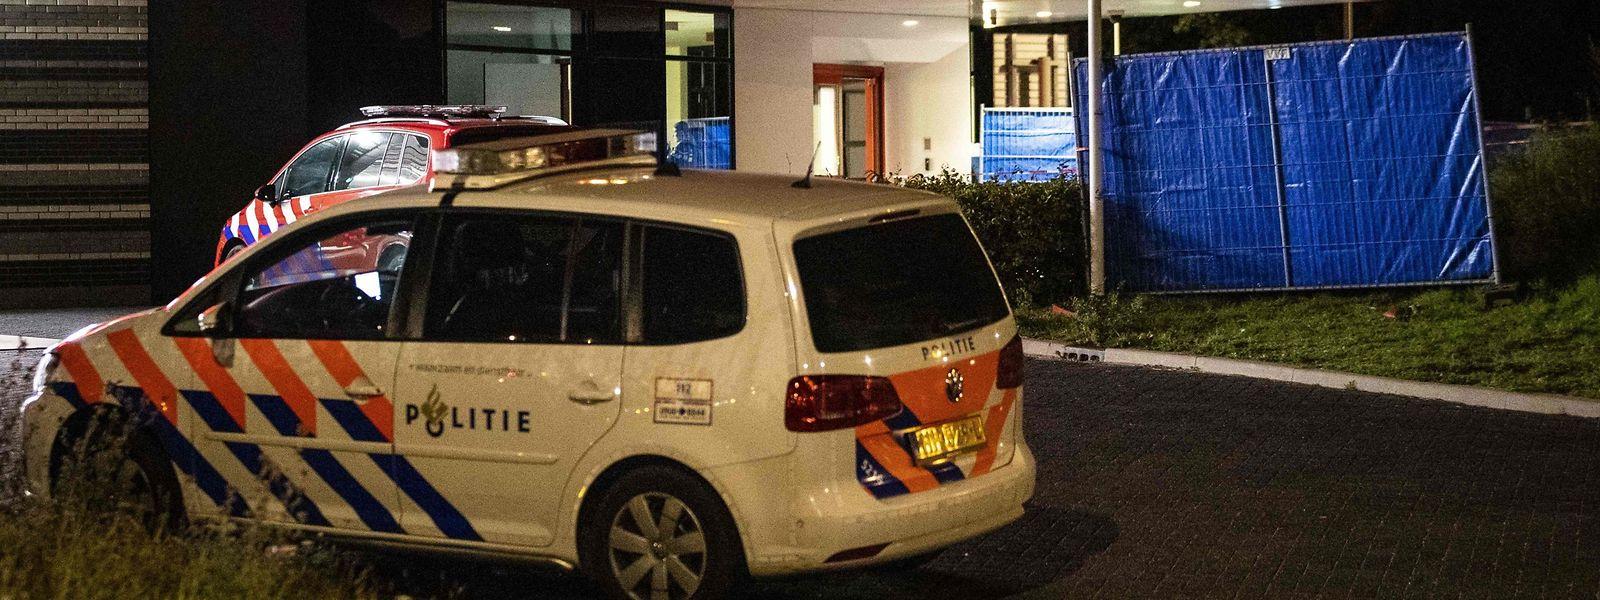 Einsatzkräfte vor einem Feuerwehrhaus in Amsterdam. Maynard war schwer verletzt mit seinem Auto noch in die Feuerwehrkaserne gefahren.